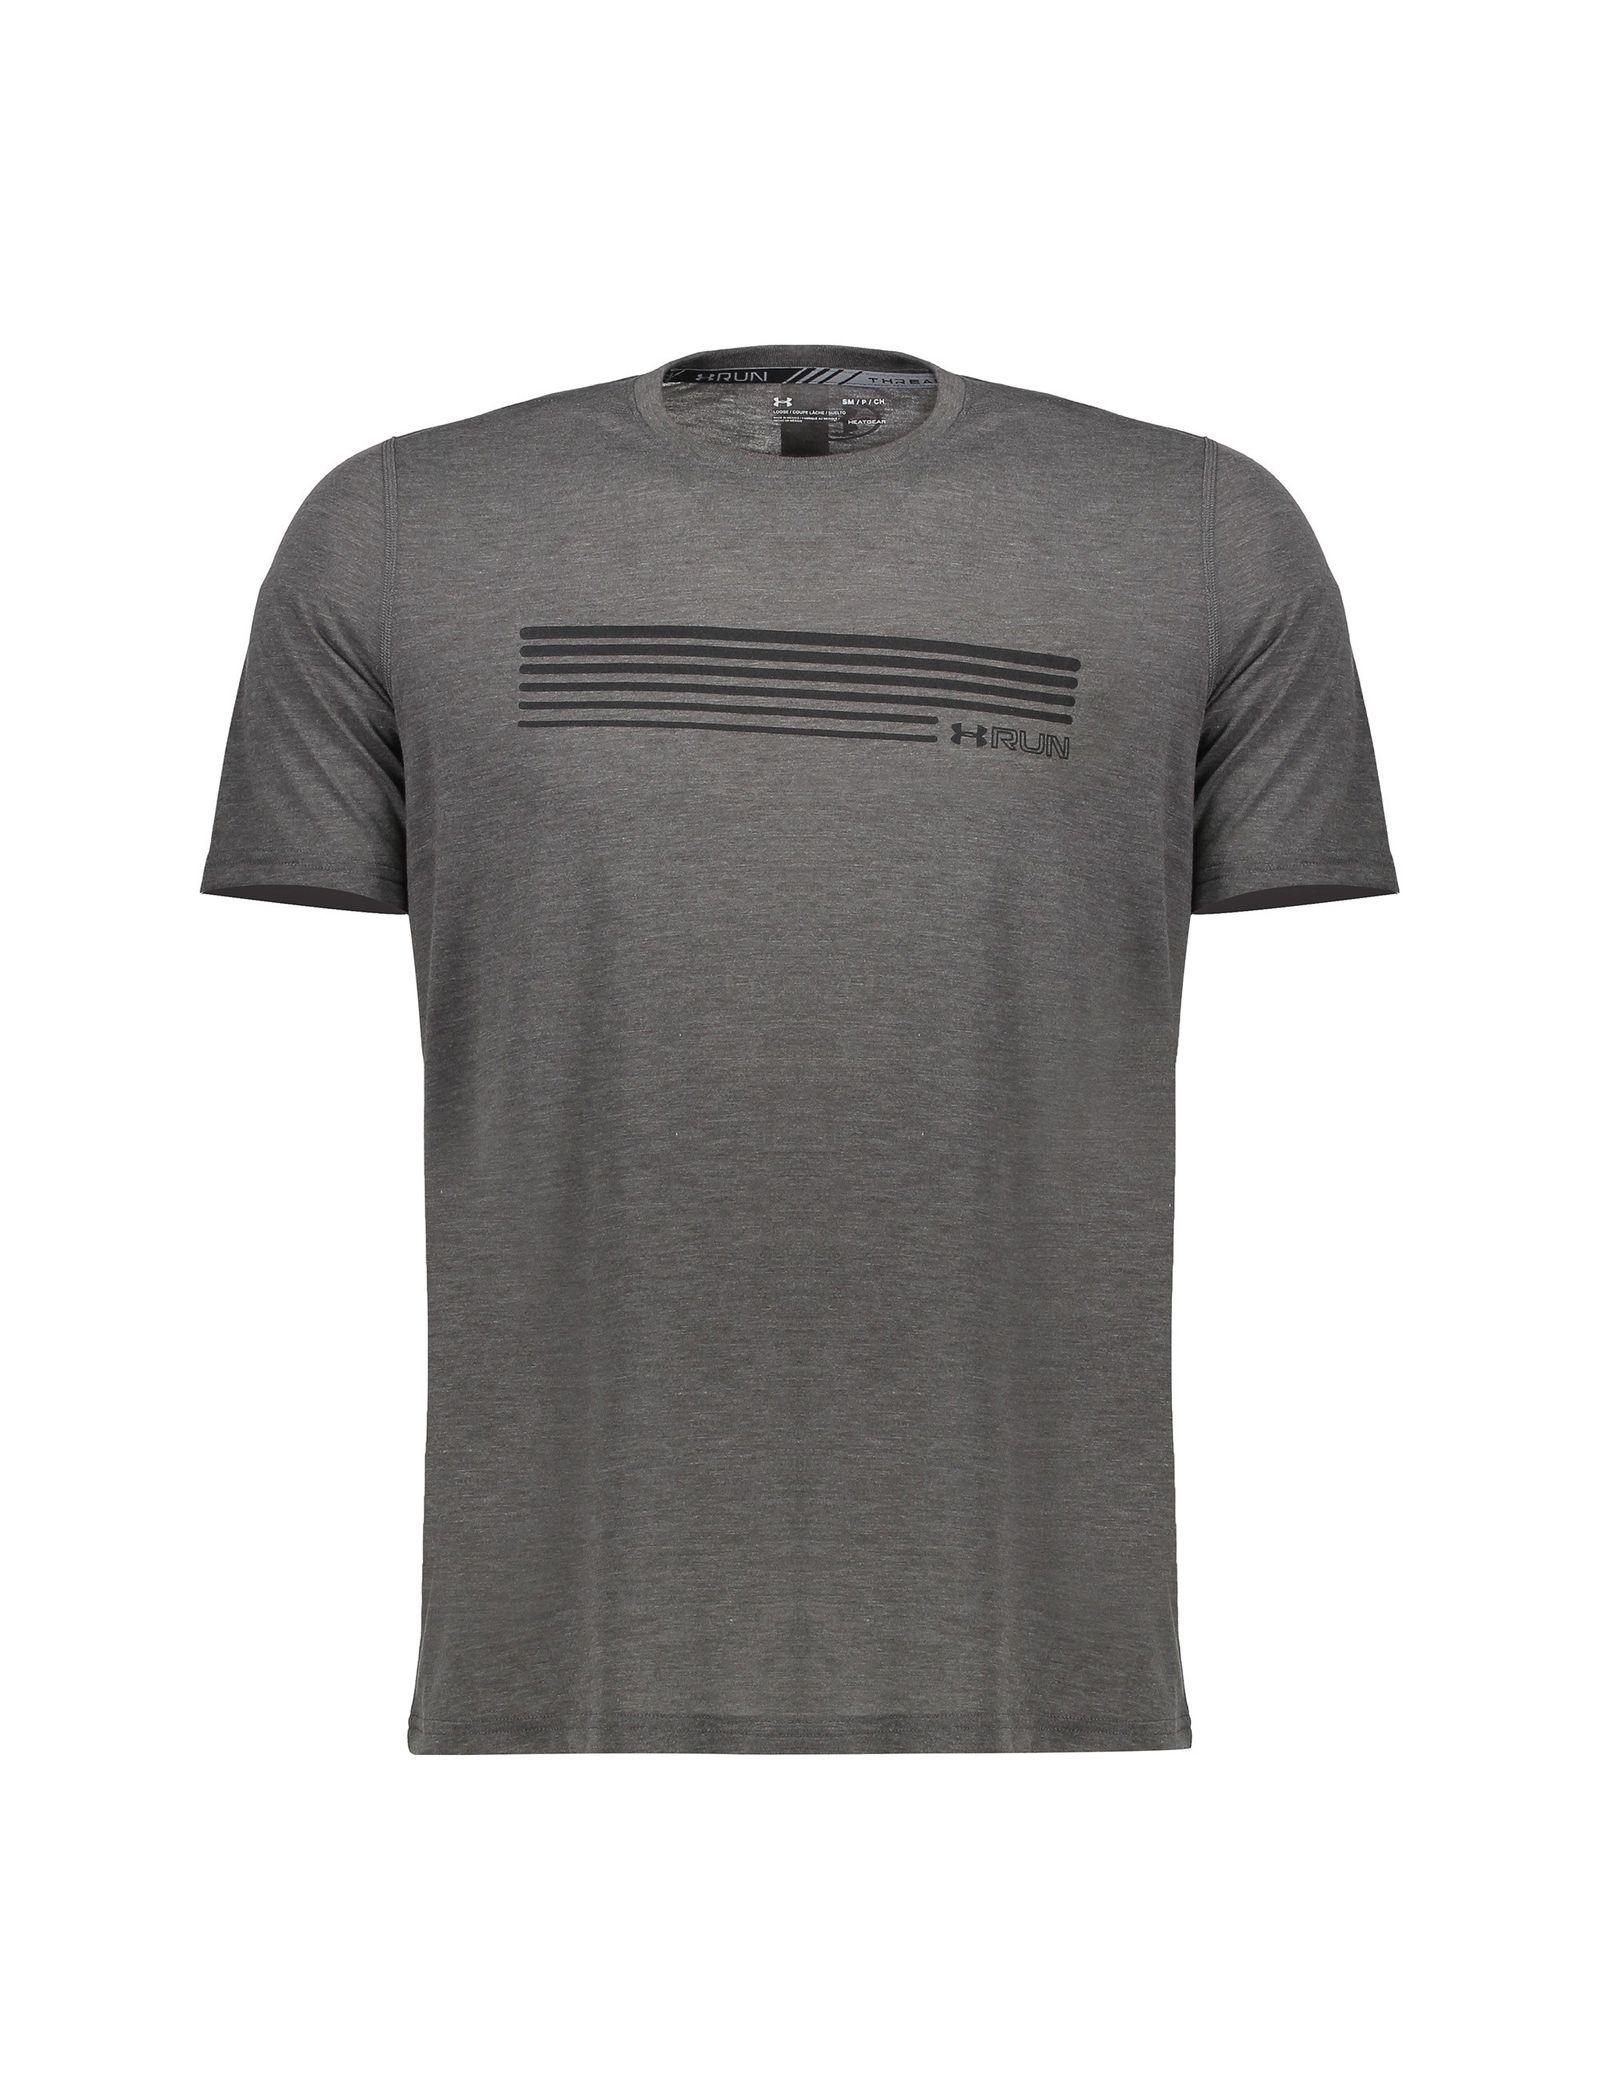 تی شرت ورزشی یقه گرد مردانه - آندر آرمور - طوسي تيره - 1